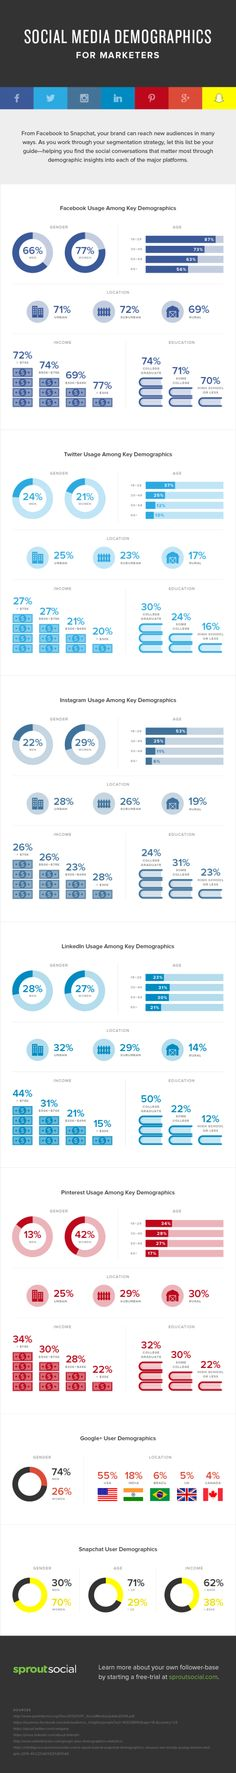 Quel est le profil démographique des utilisateurs des réseaux sociaux ?